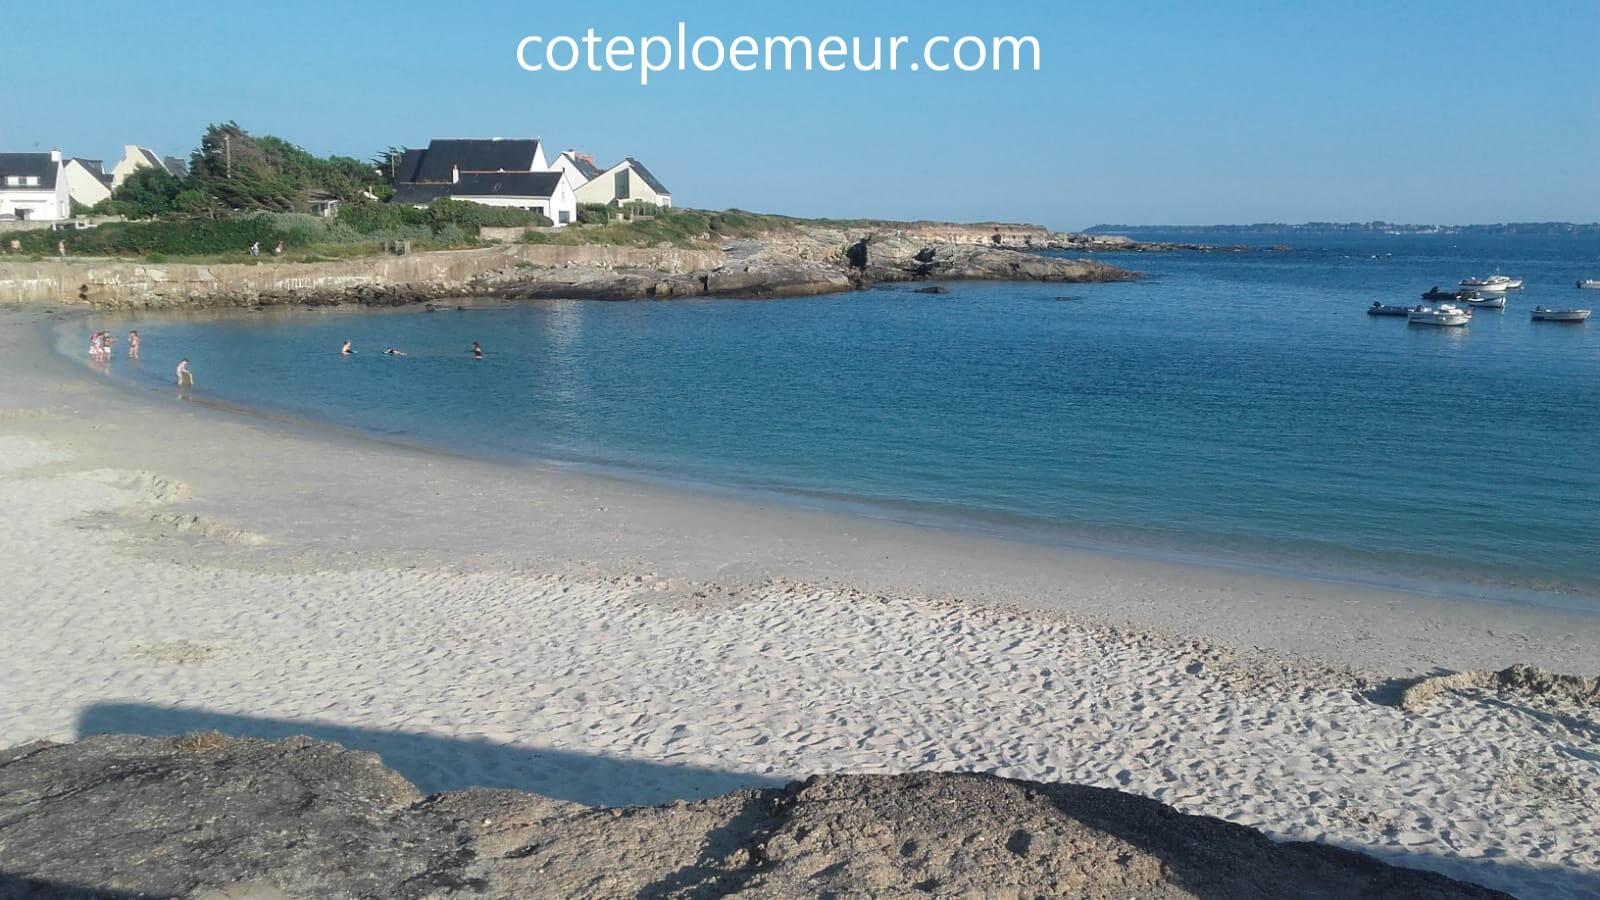 Bretagne Sud locations de vacances face à la plage  à Ploemeur - coteploemeur